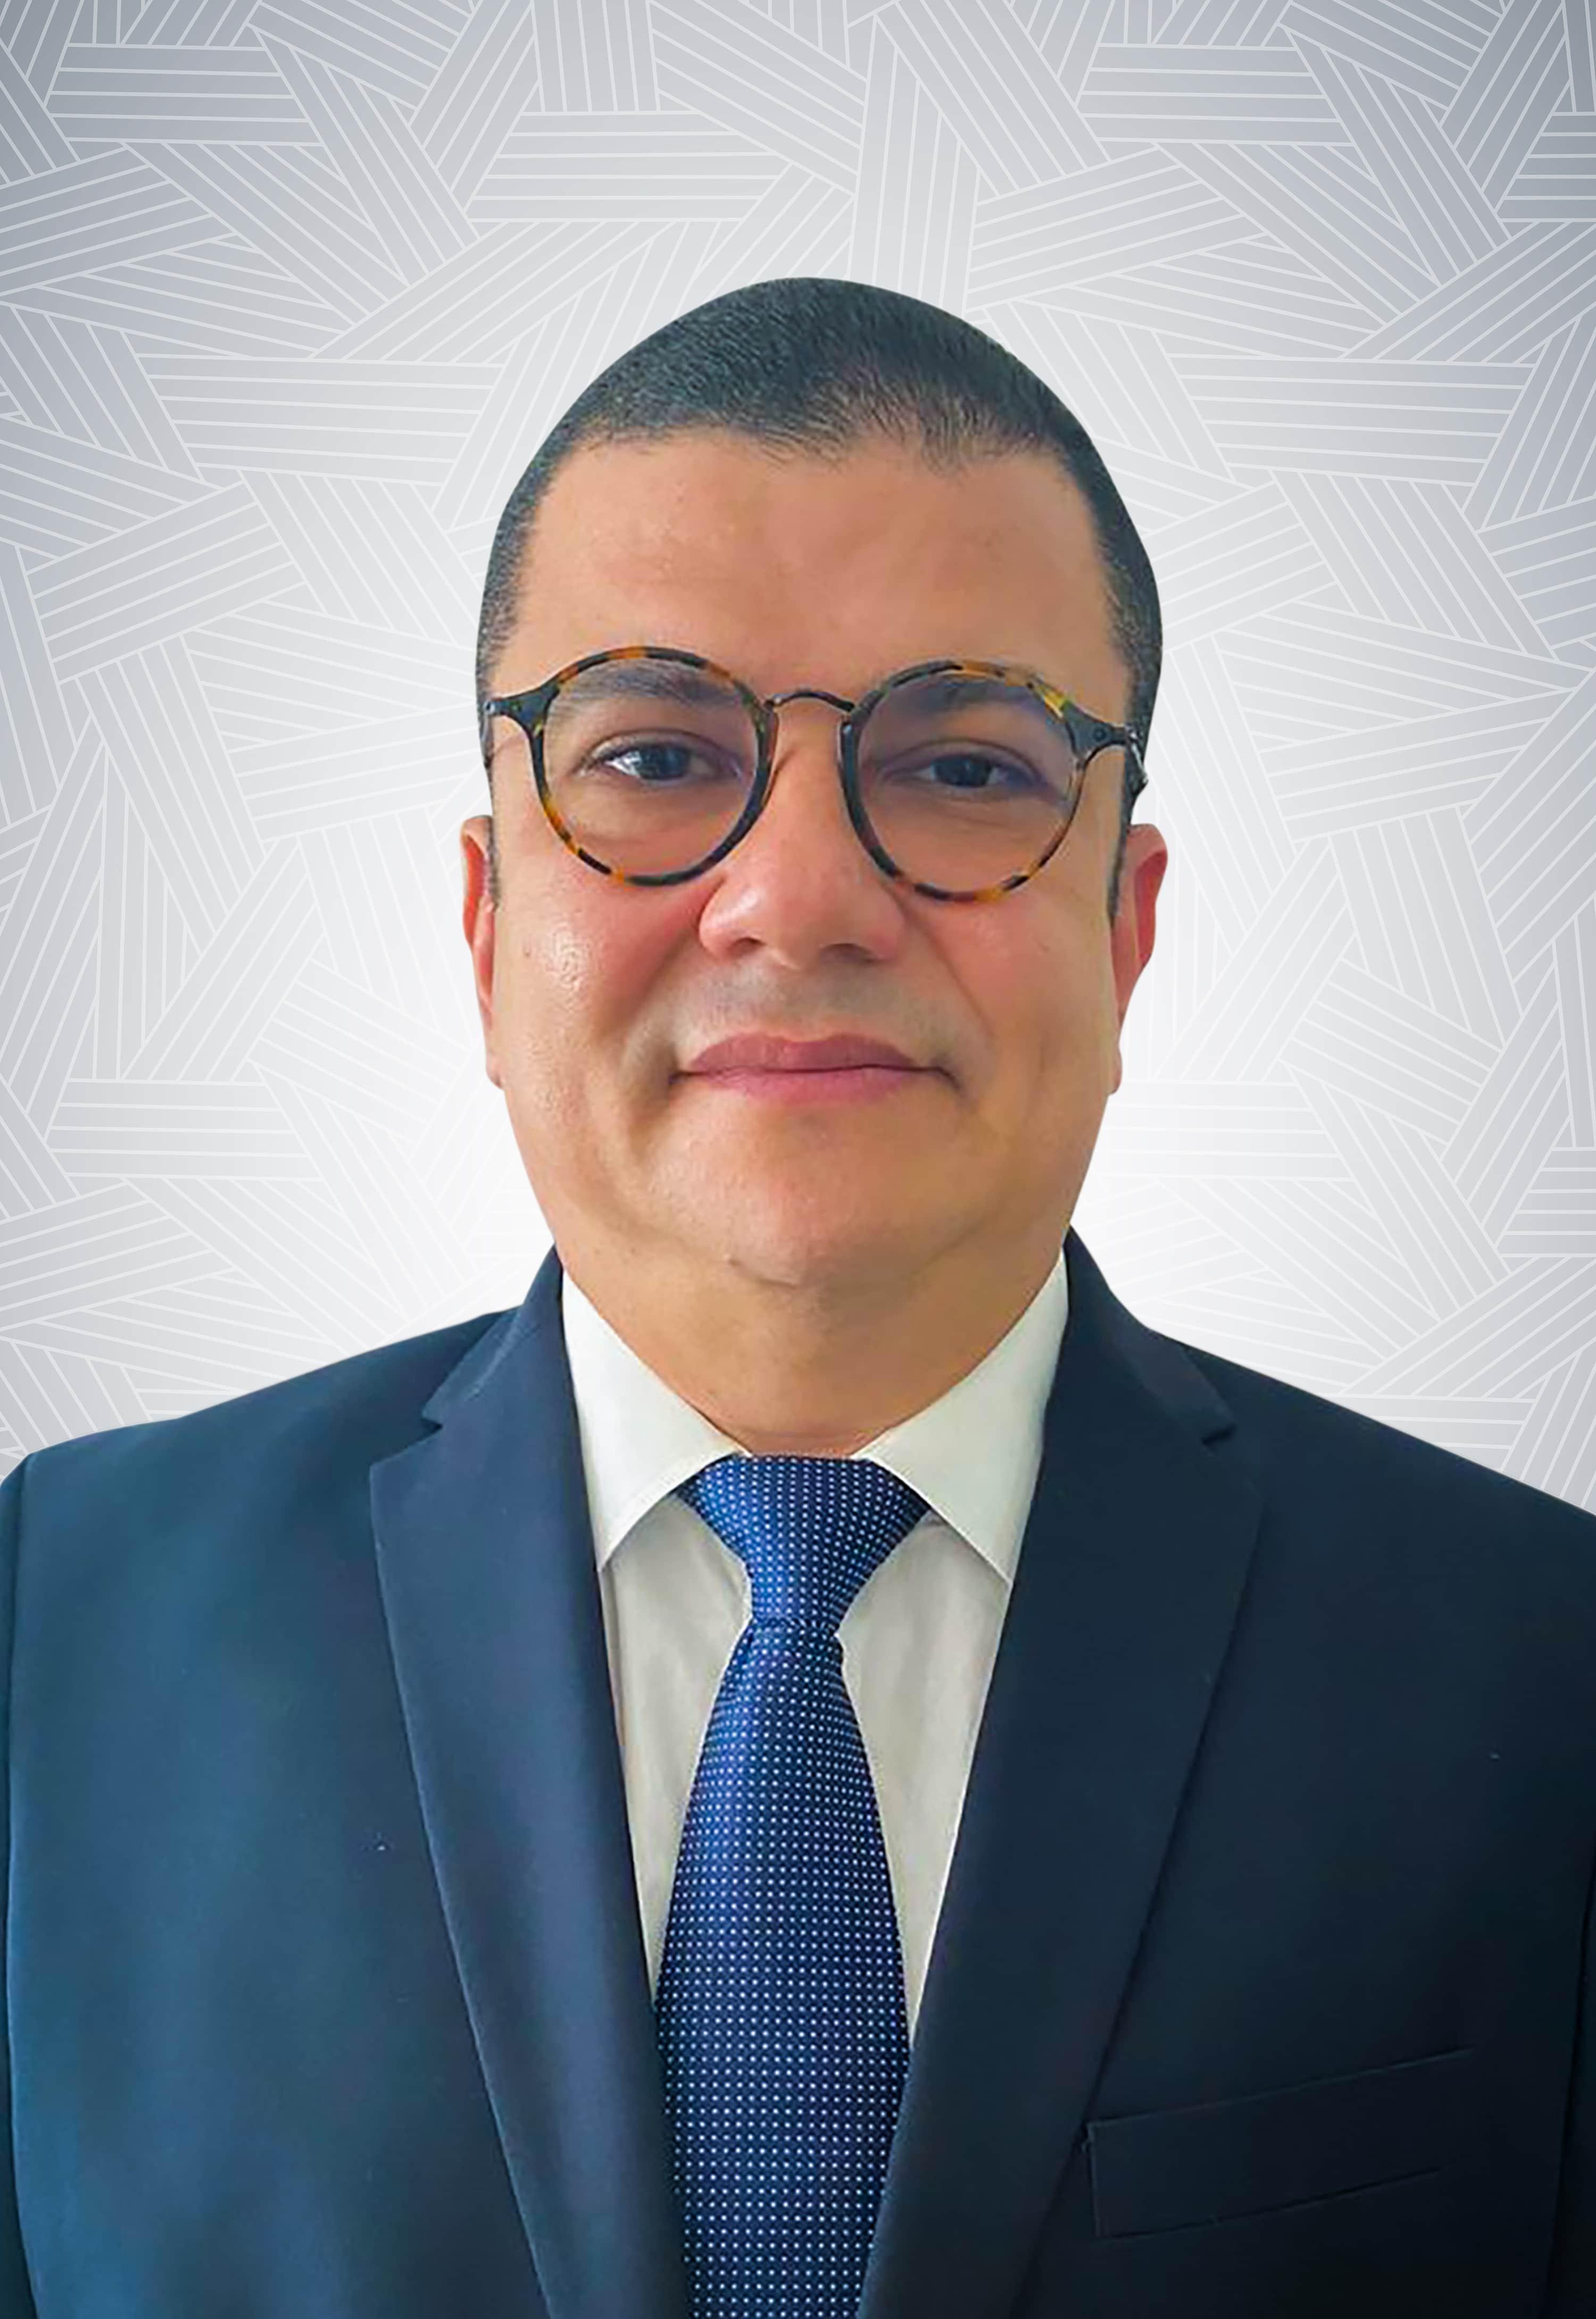 Juan Jose Morales Tuesta